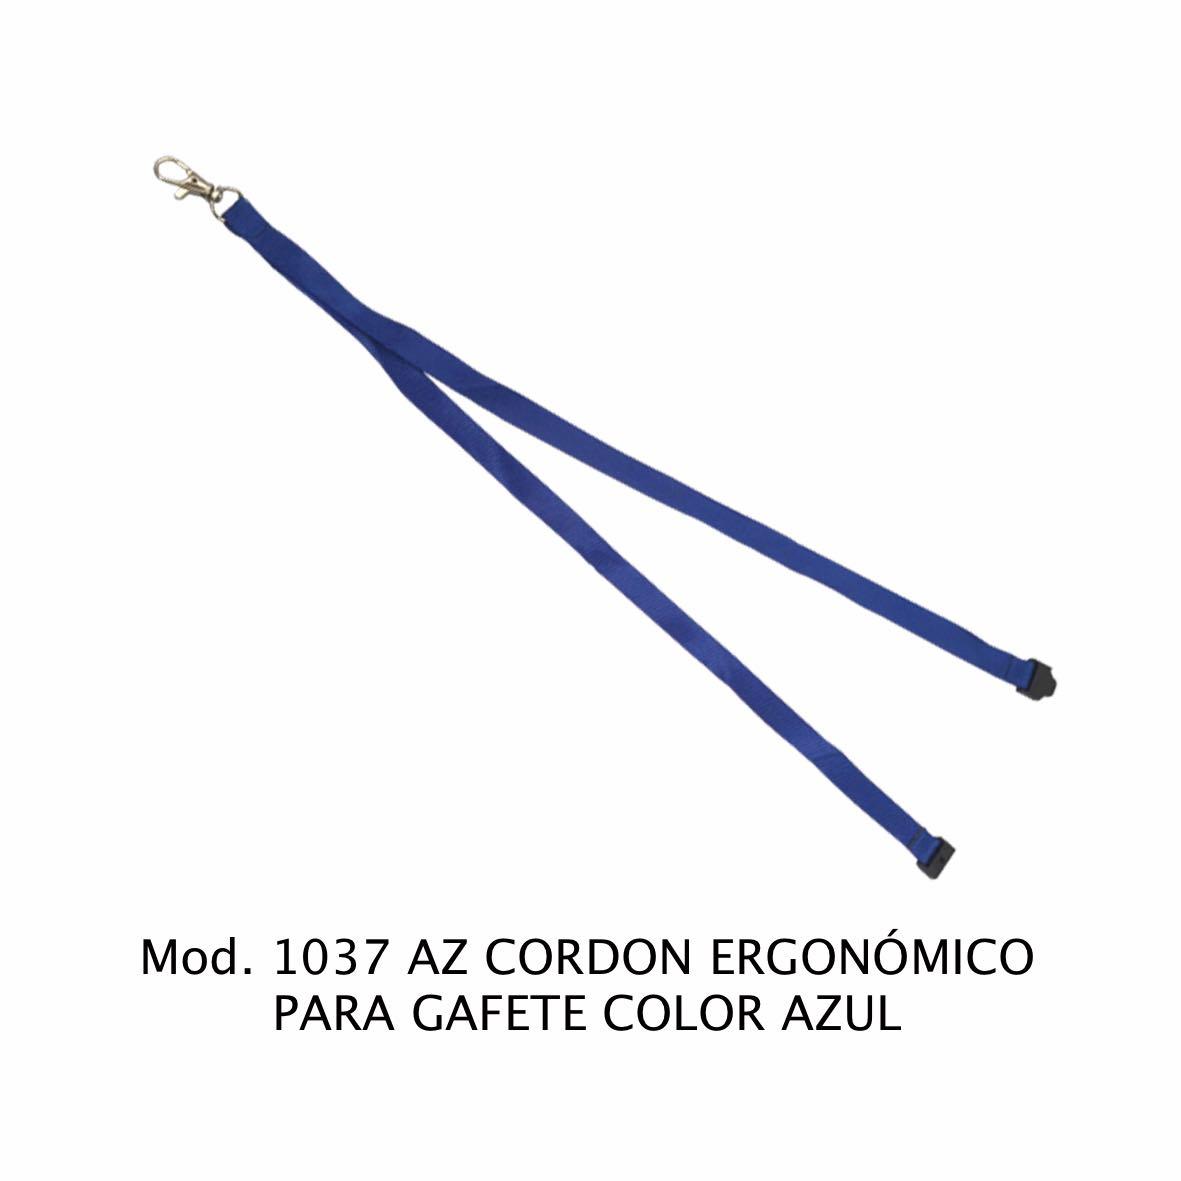 Cordon ergonómico para Gafete Color Azul Modelo 1037 AZ - Sablón